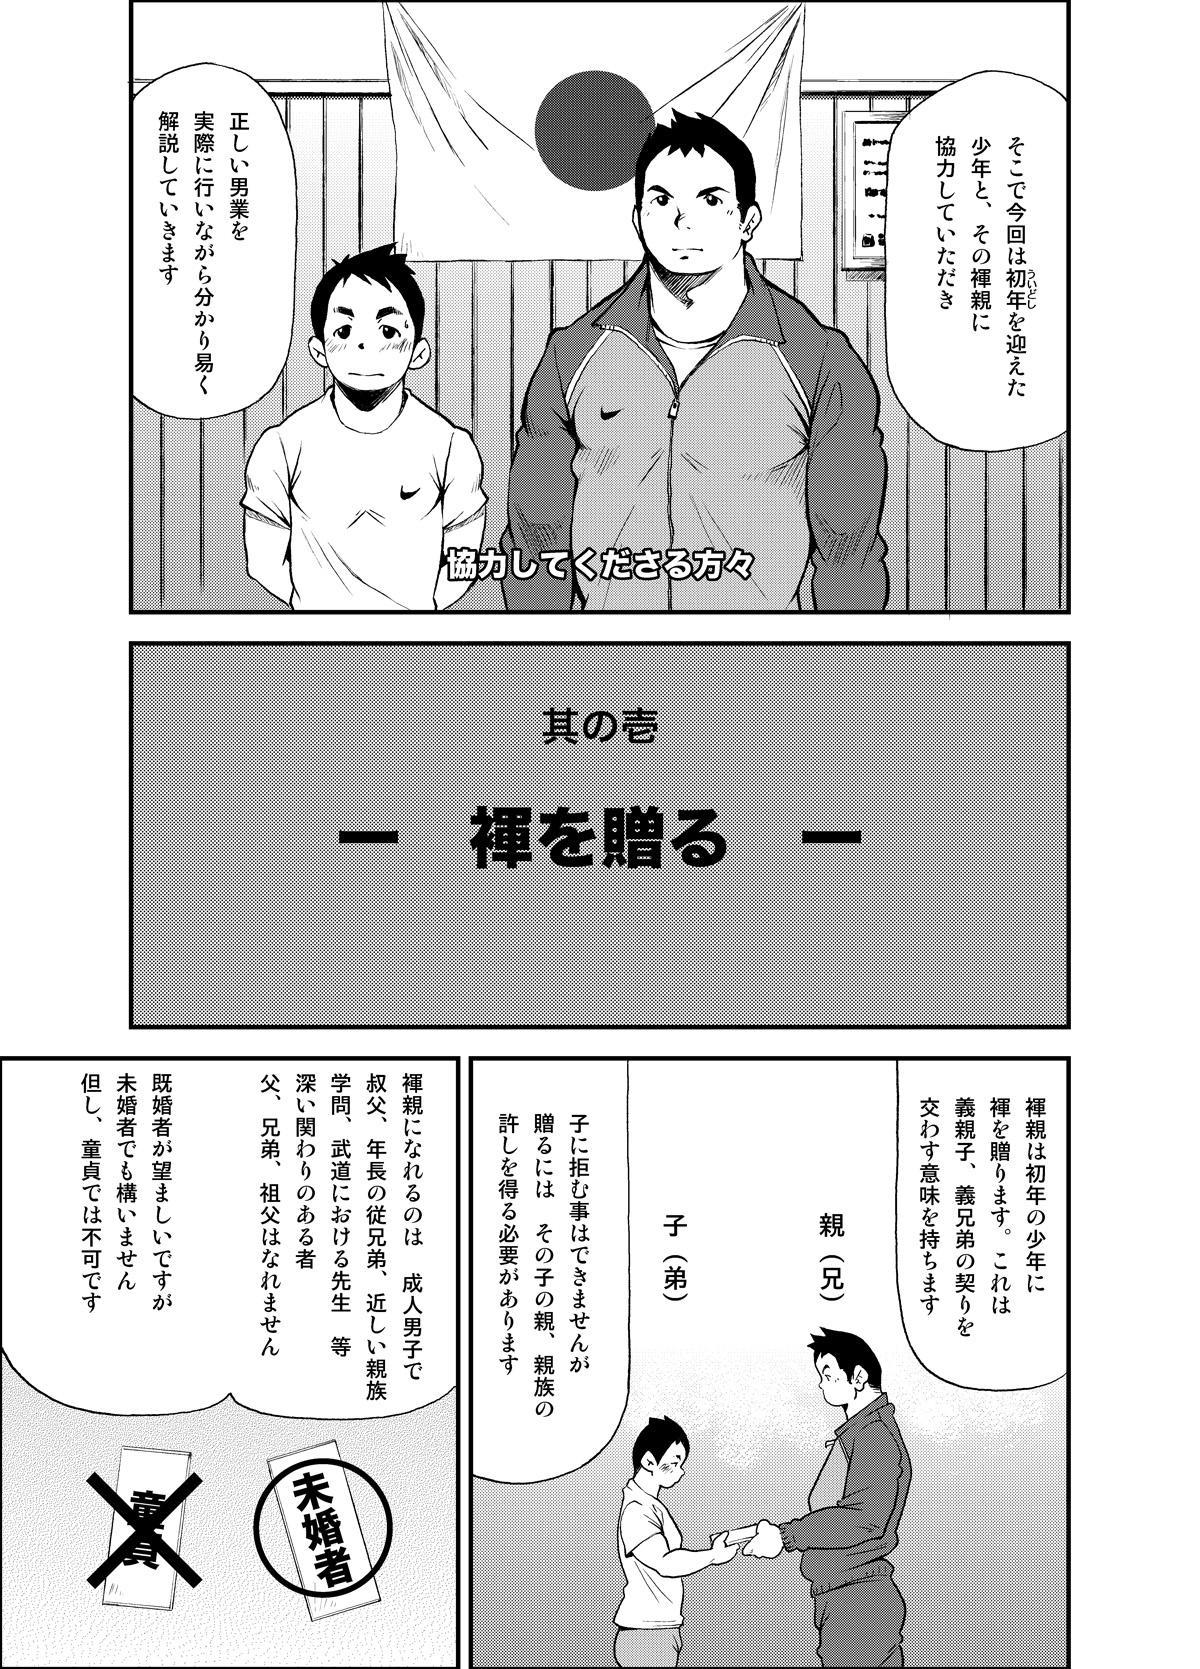 Tadashii Danshi no Kyouren Hou 10